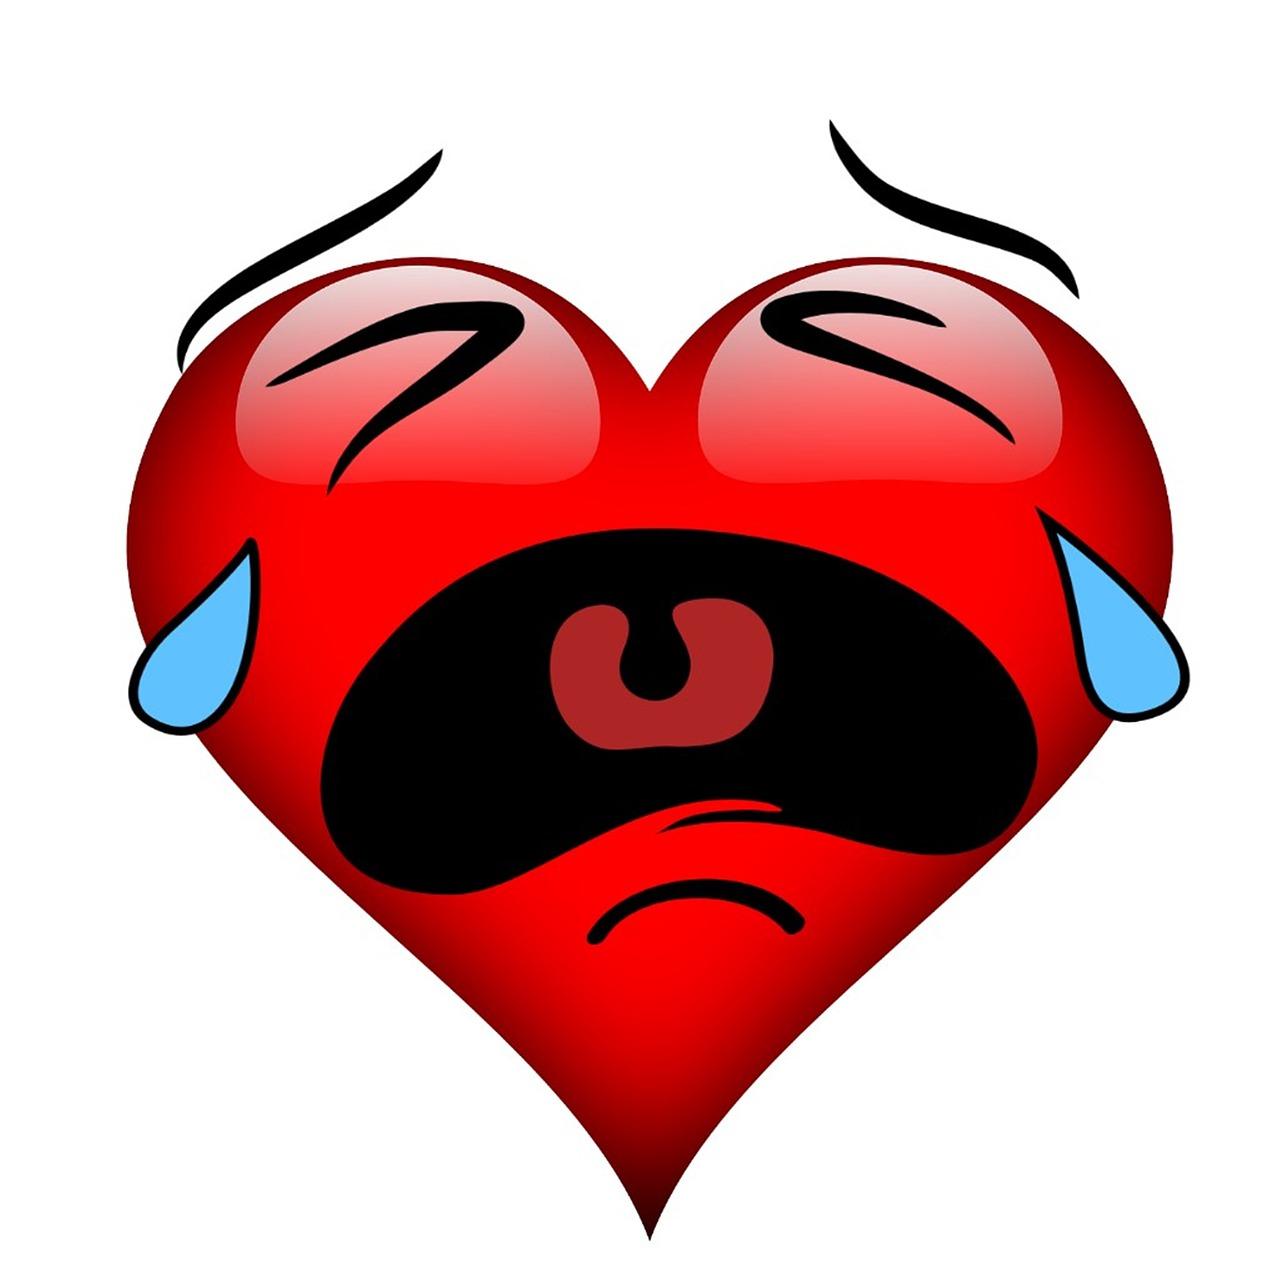 картинки грустные сердечки что